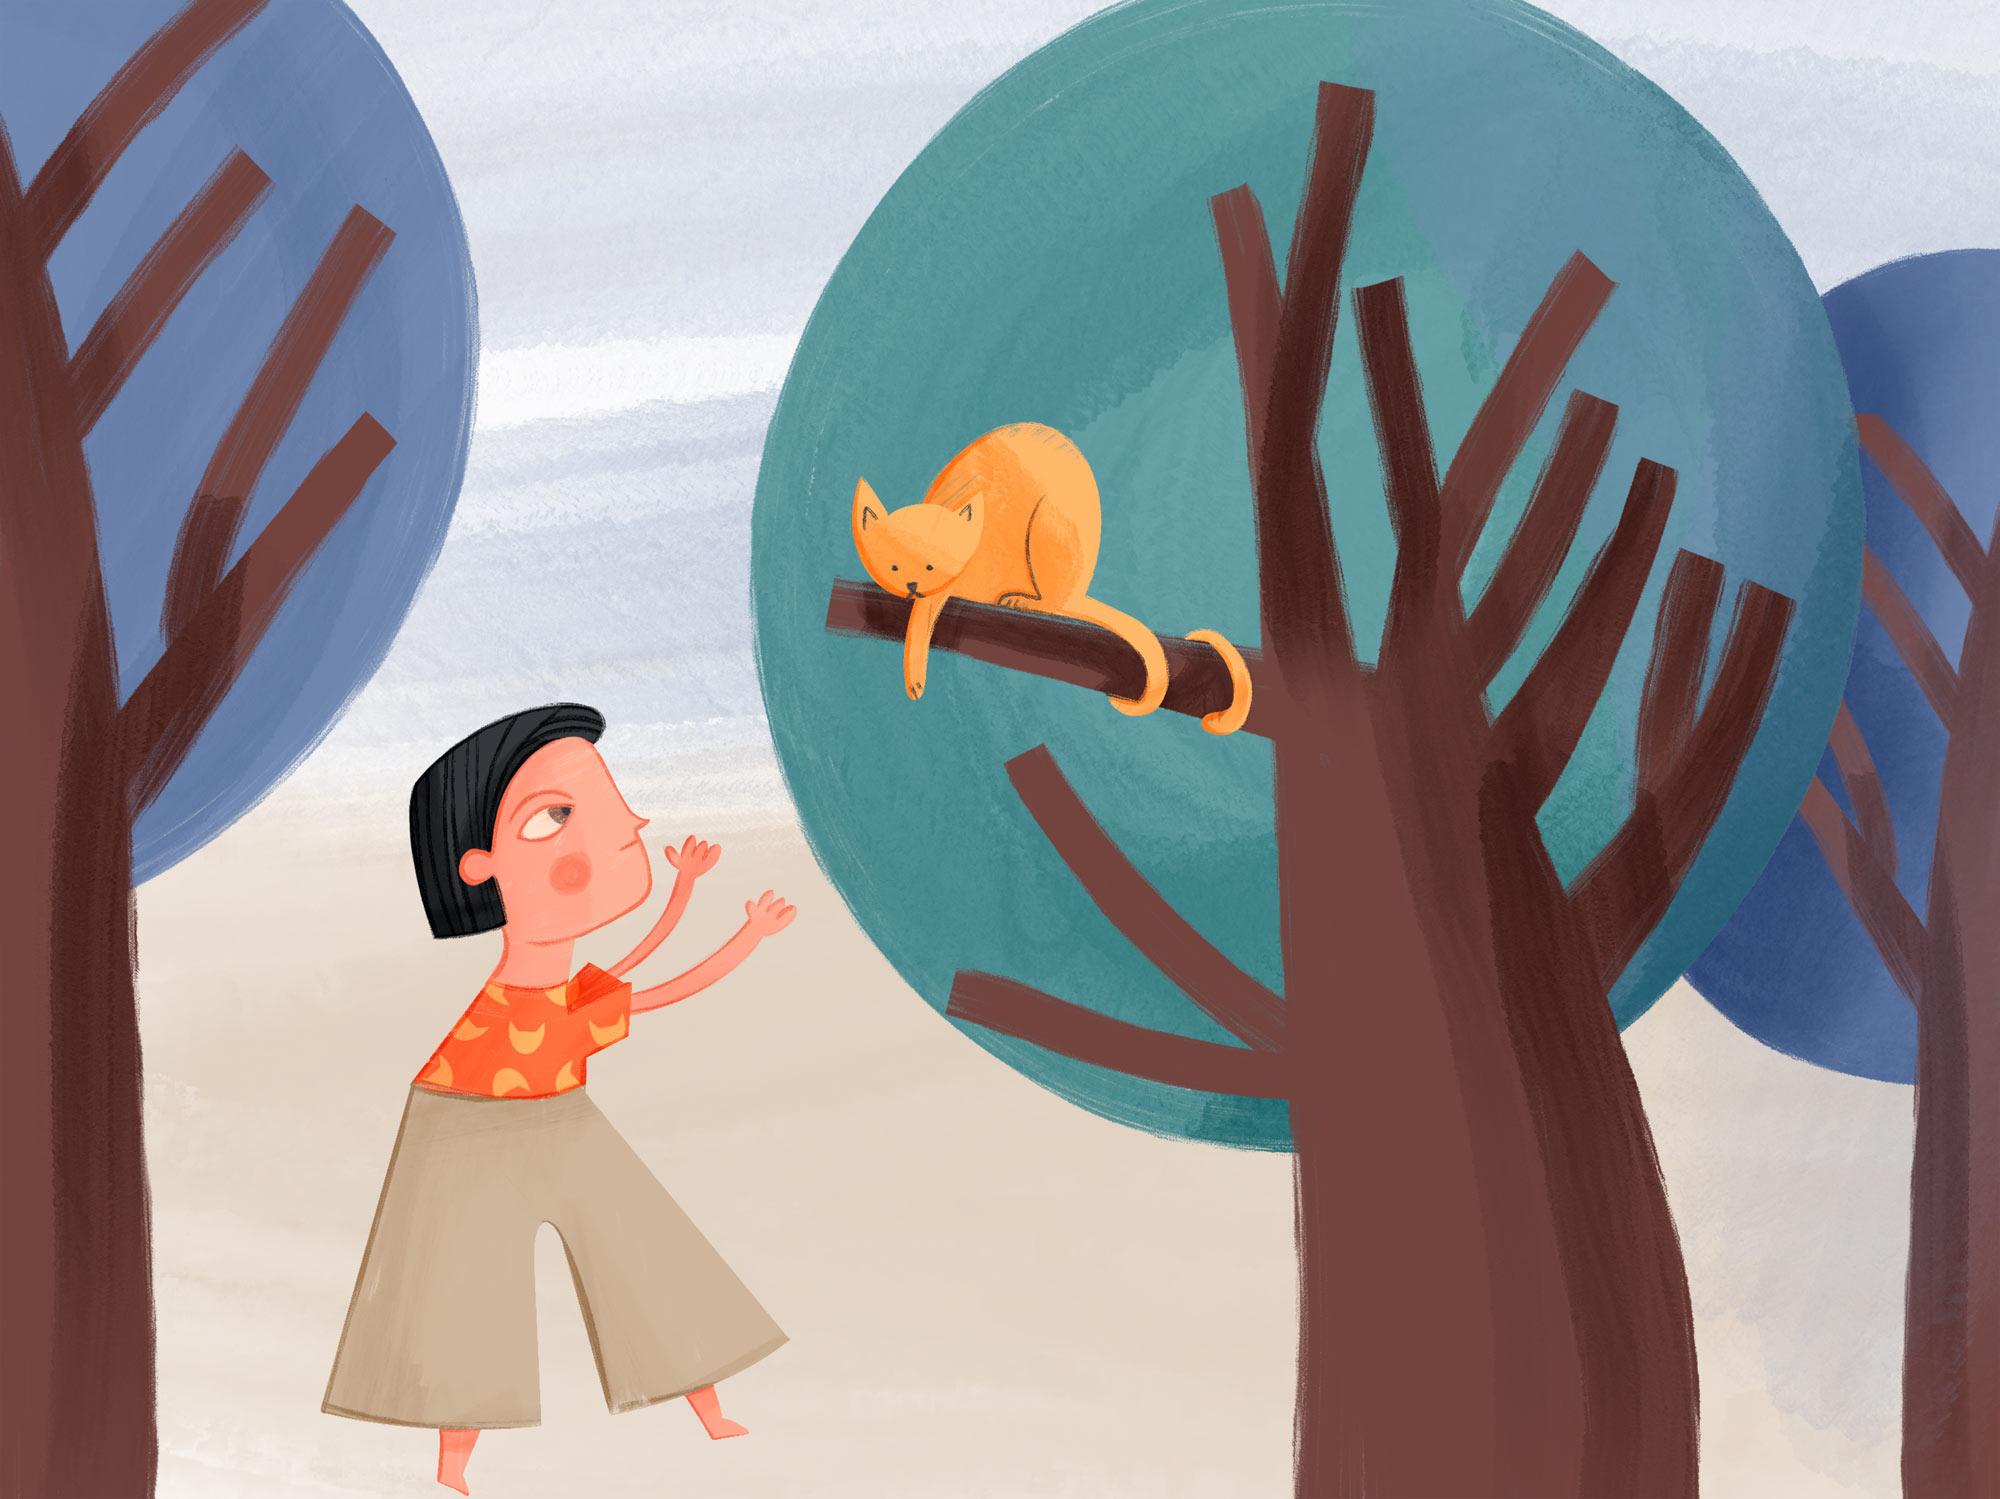 Eine Katze sitzt auf einem Baum und unten steht ein Kind und versucht die Katze zum runter springen zu ermutigen